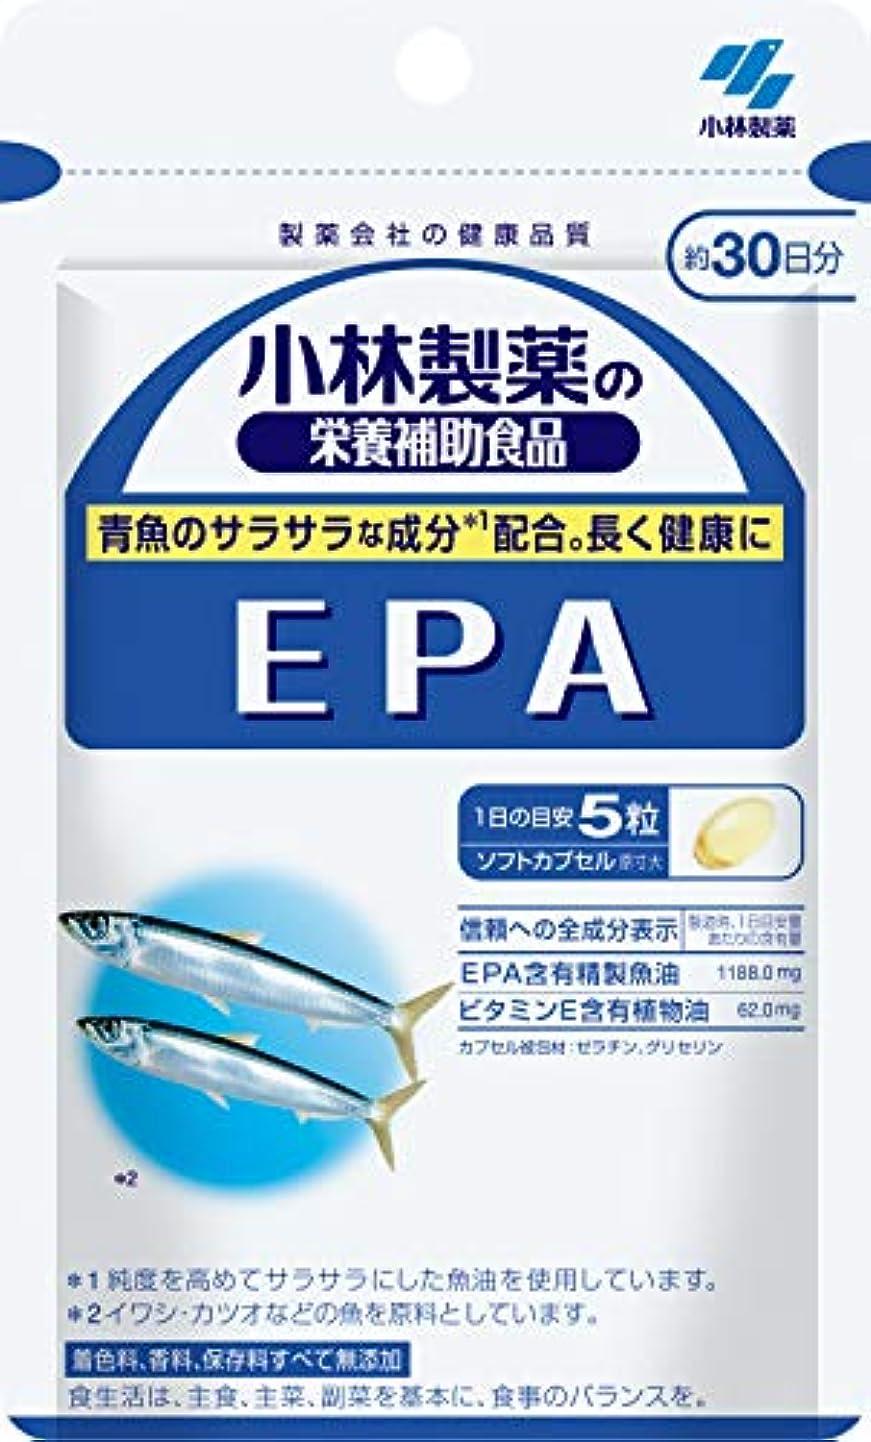 選ぶ連続した別々に小林製薬の栄養補助食品 EPA 約30日分 150粒